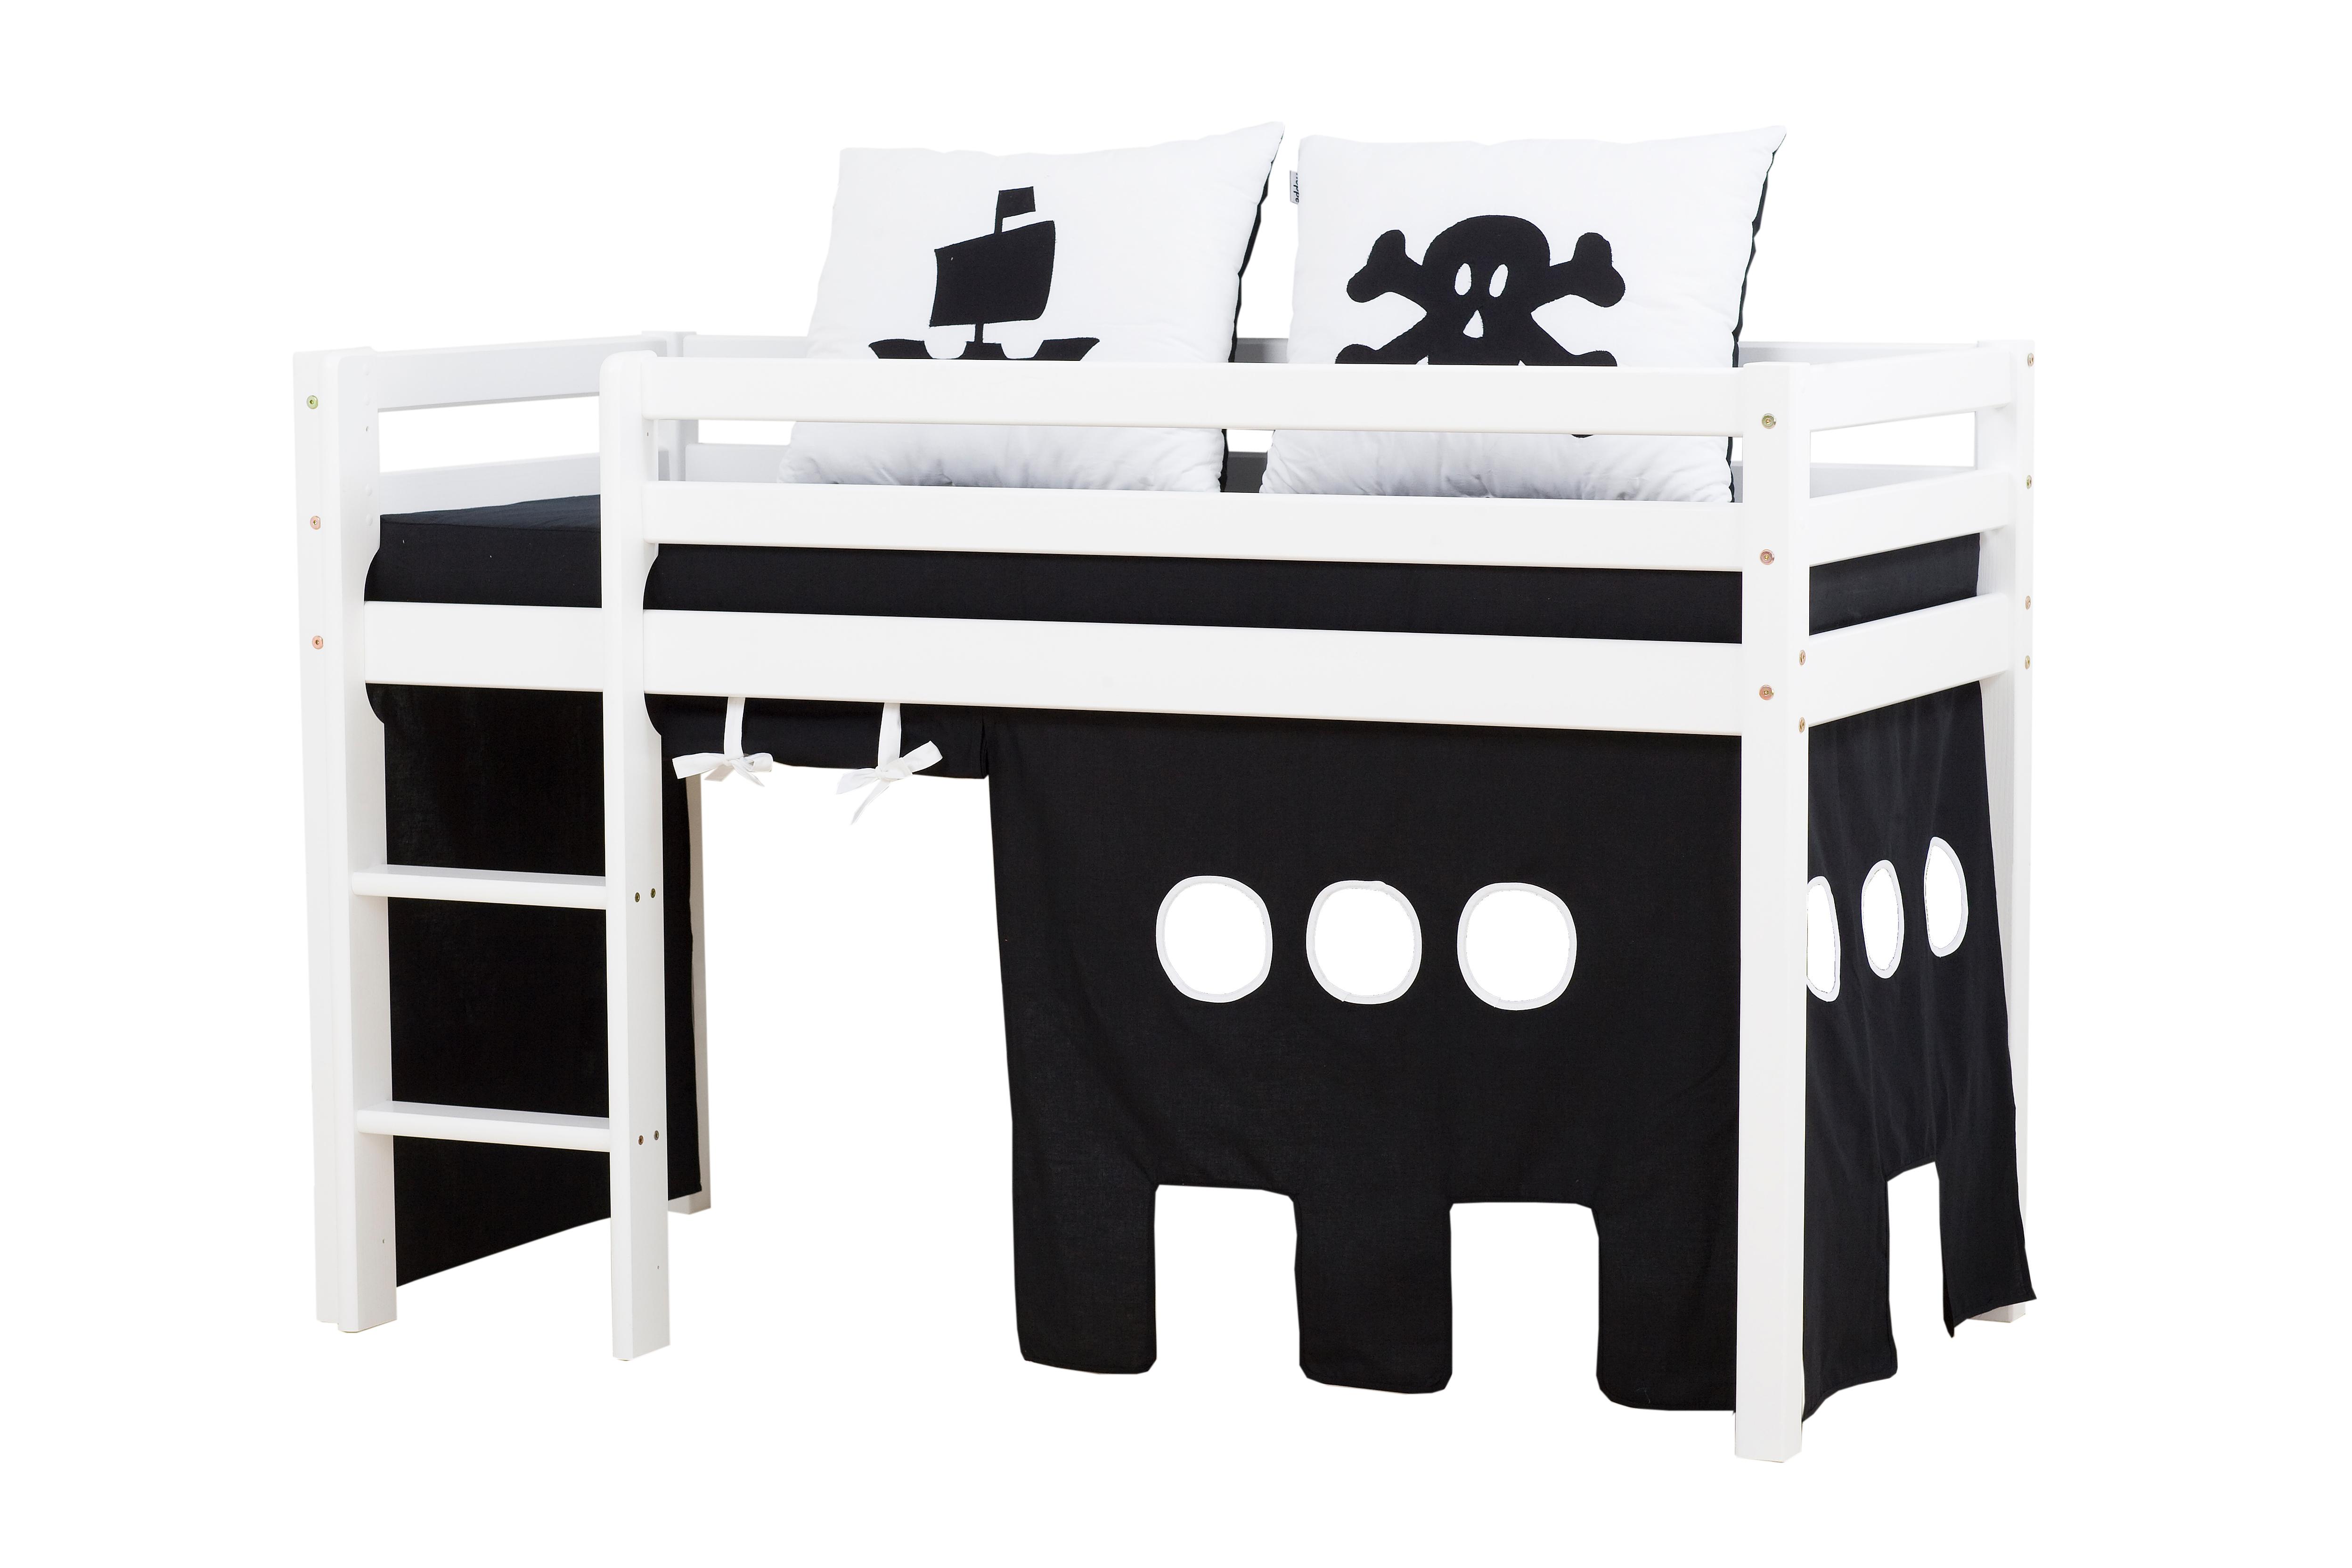 Hoppekids - BASIC Half-high bed with foam mattress + mattress cover + curtain 70x160 - Pirat